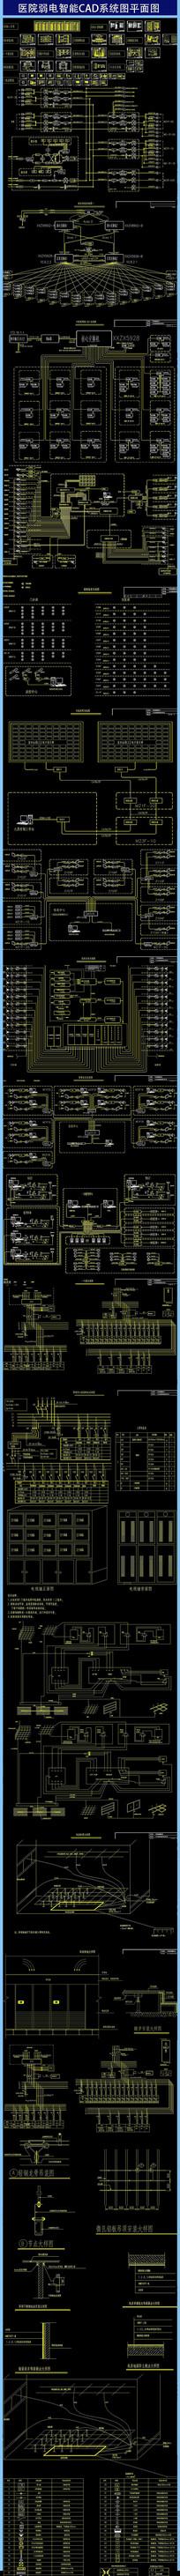 医院弱电智能CAD系统图平面图